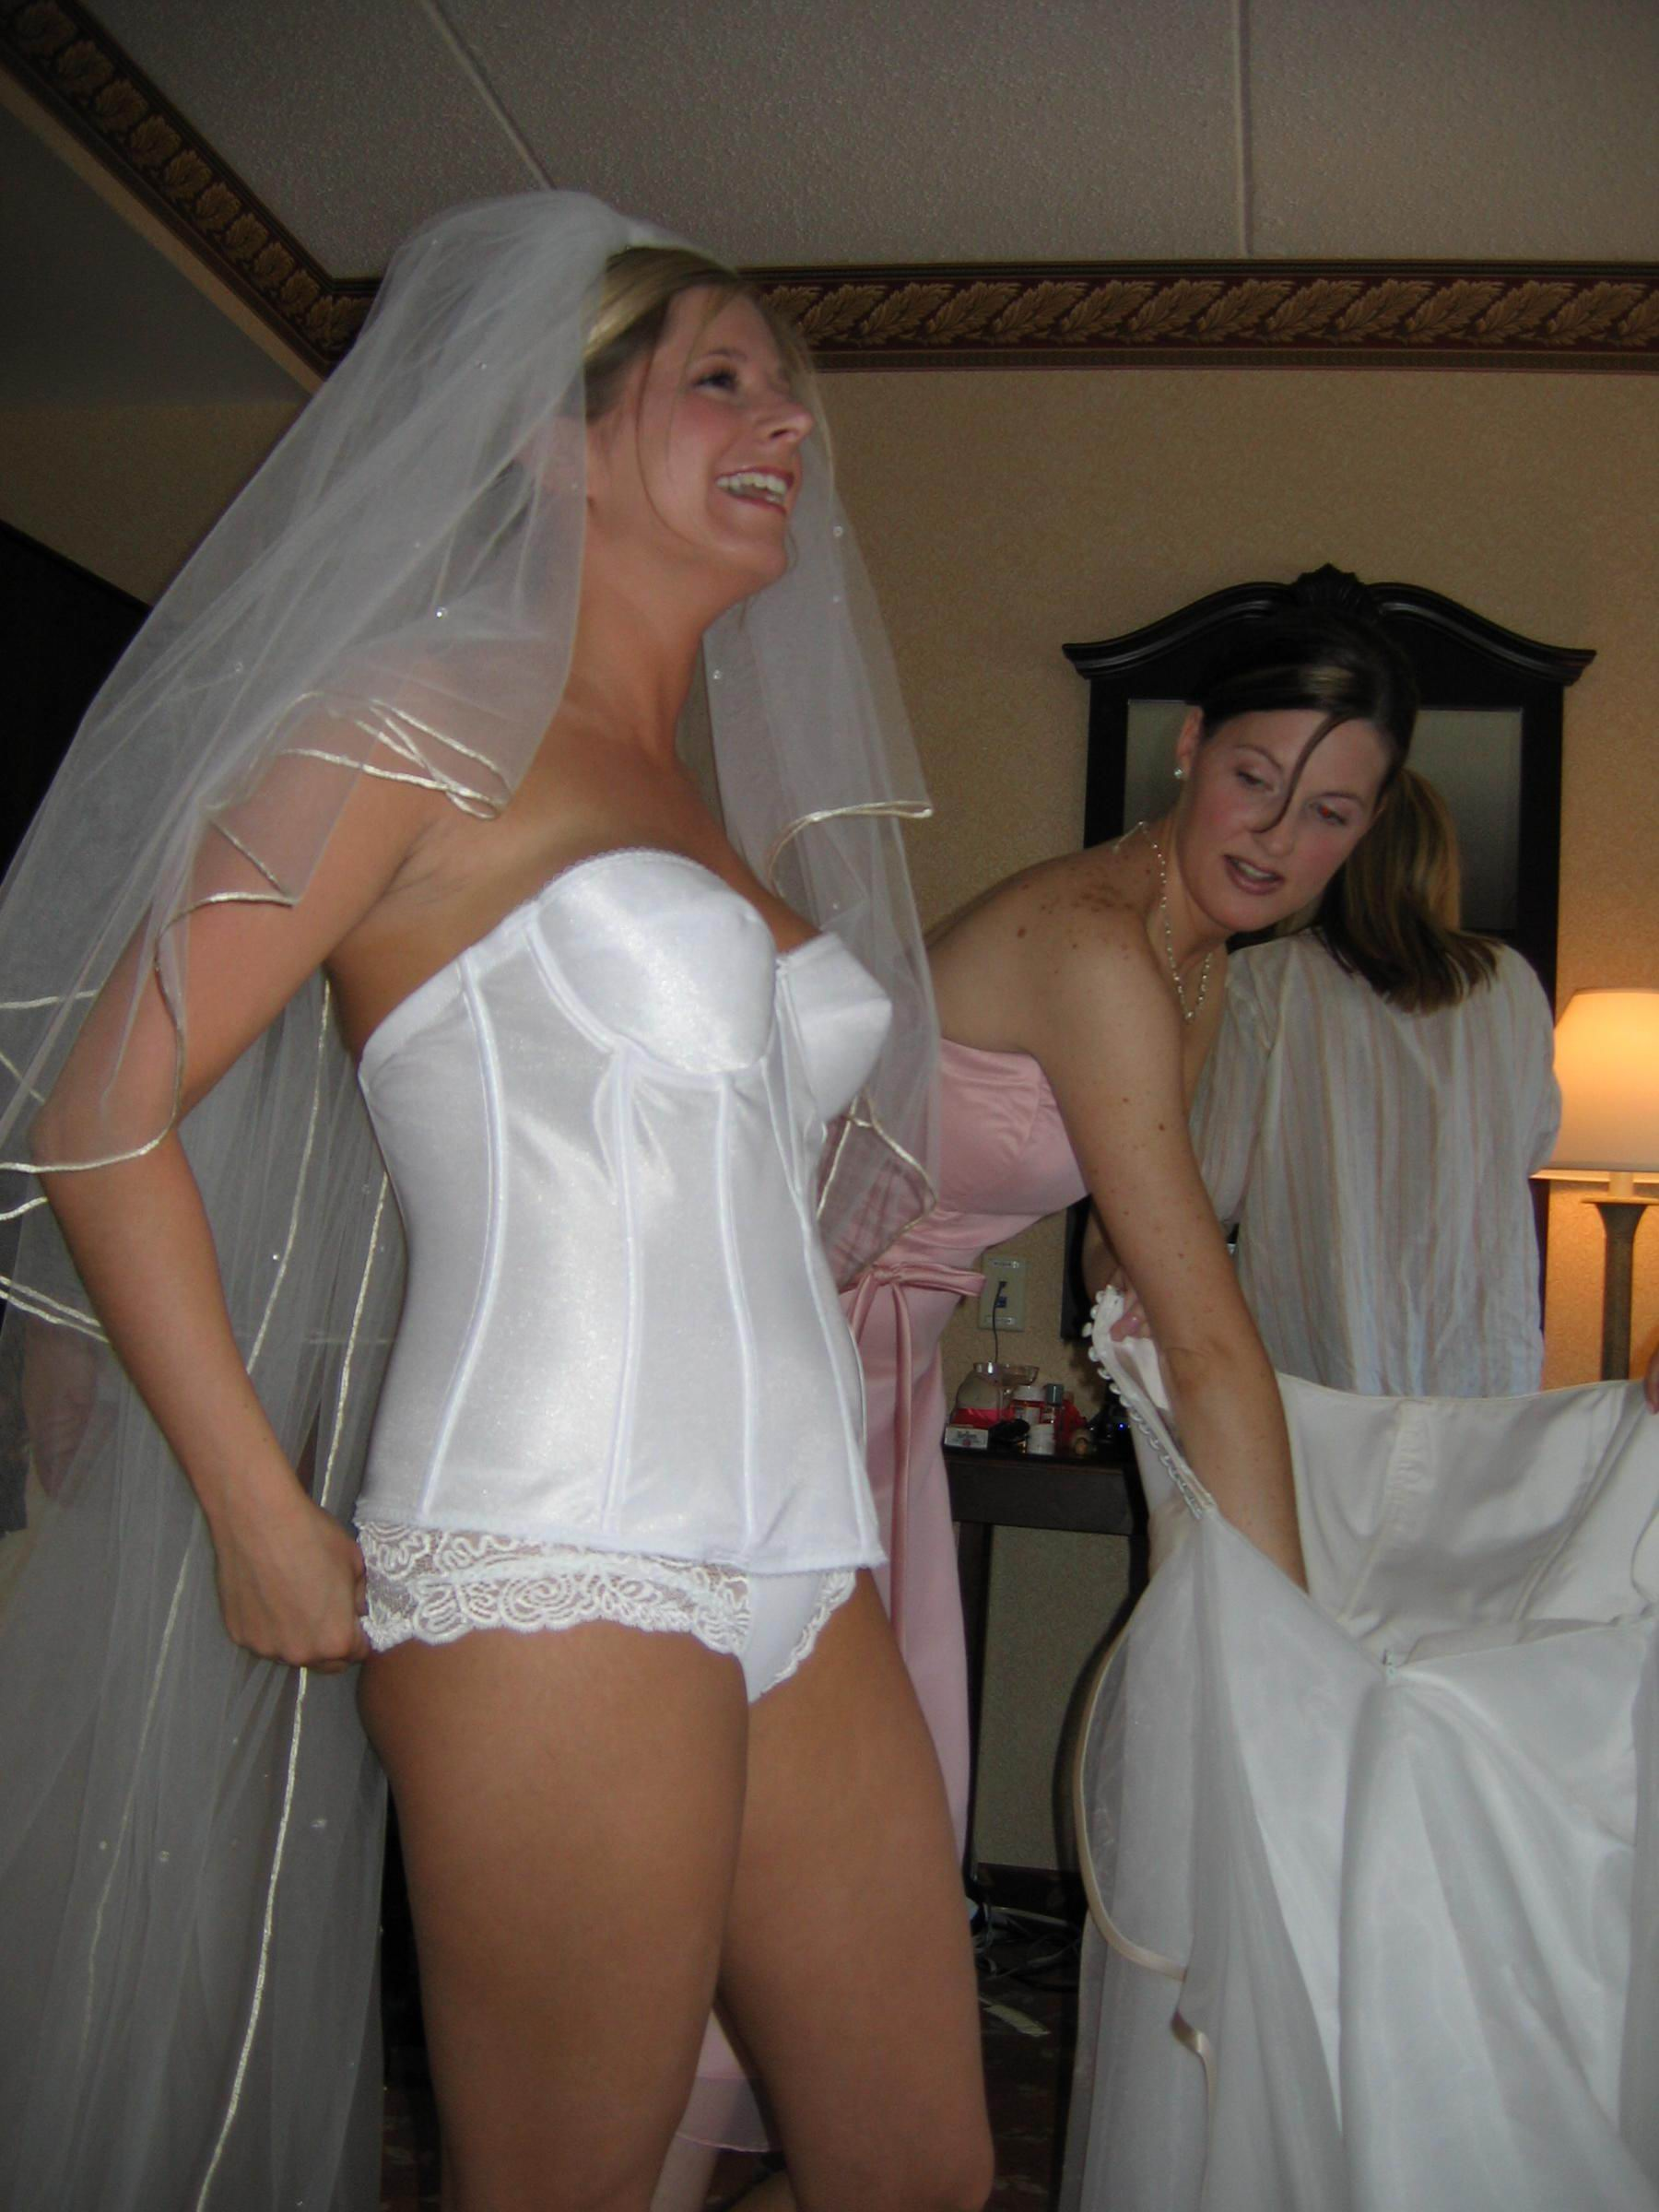 Фото на свадьбах под юбками без нижнего белья 11 фотография